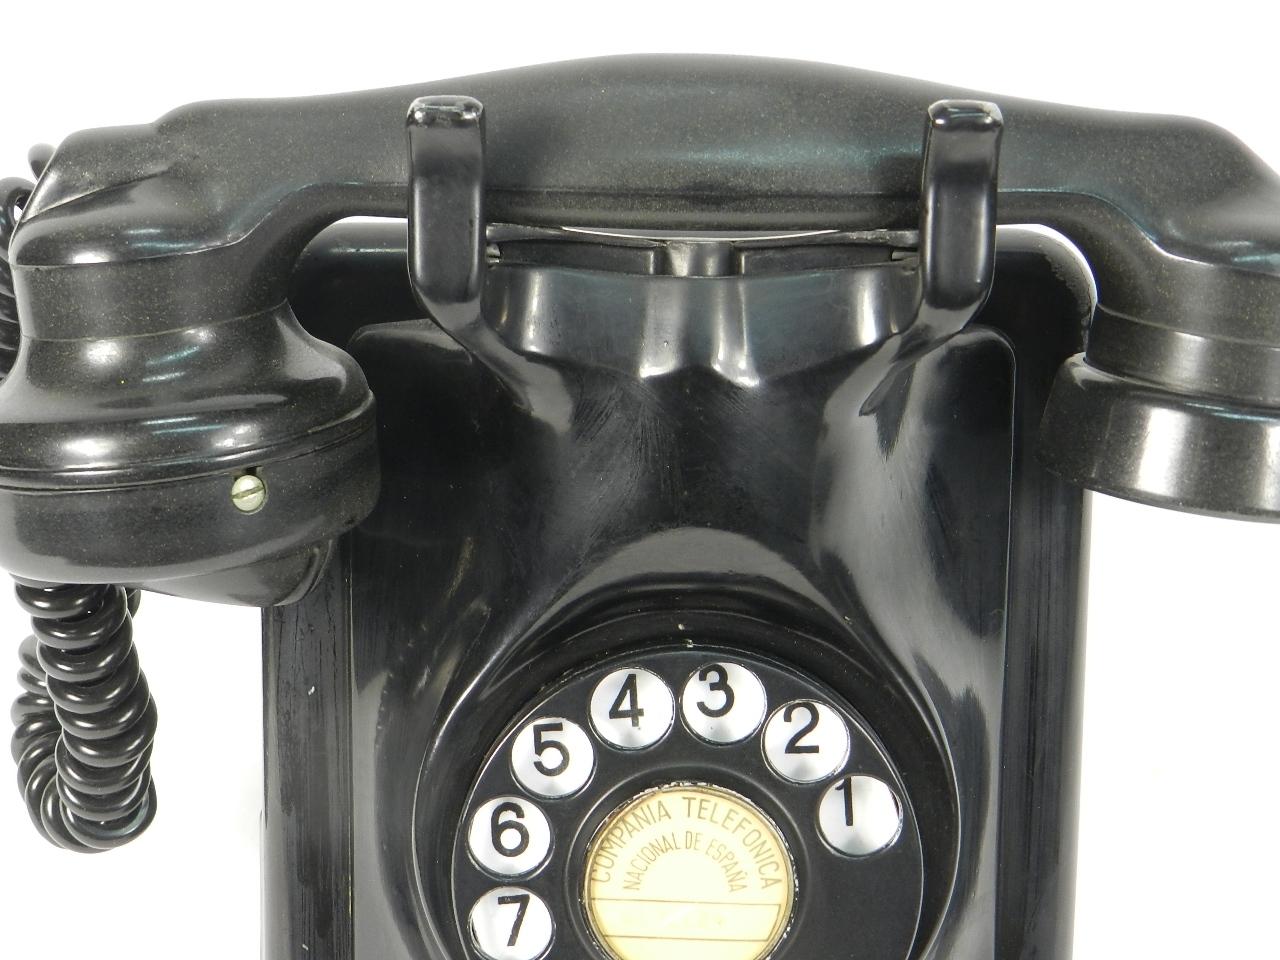 Imagen TELEFONO DE PARED 2713A AÑO 1940 41837